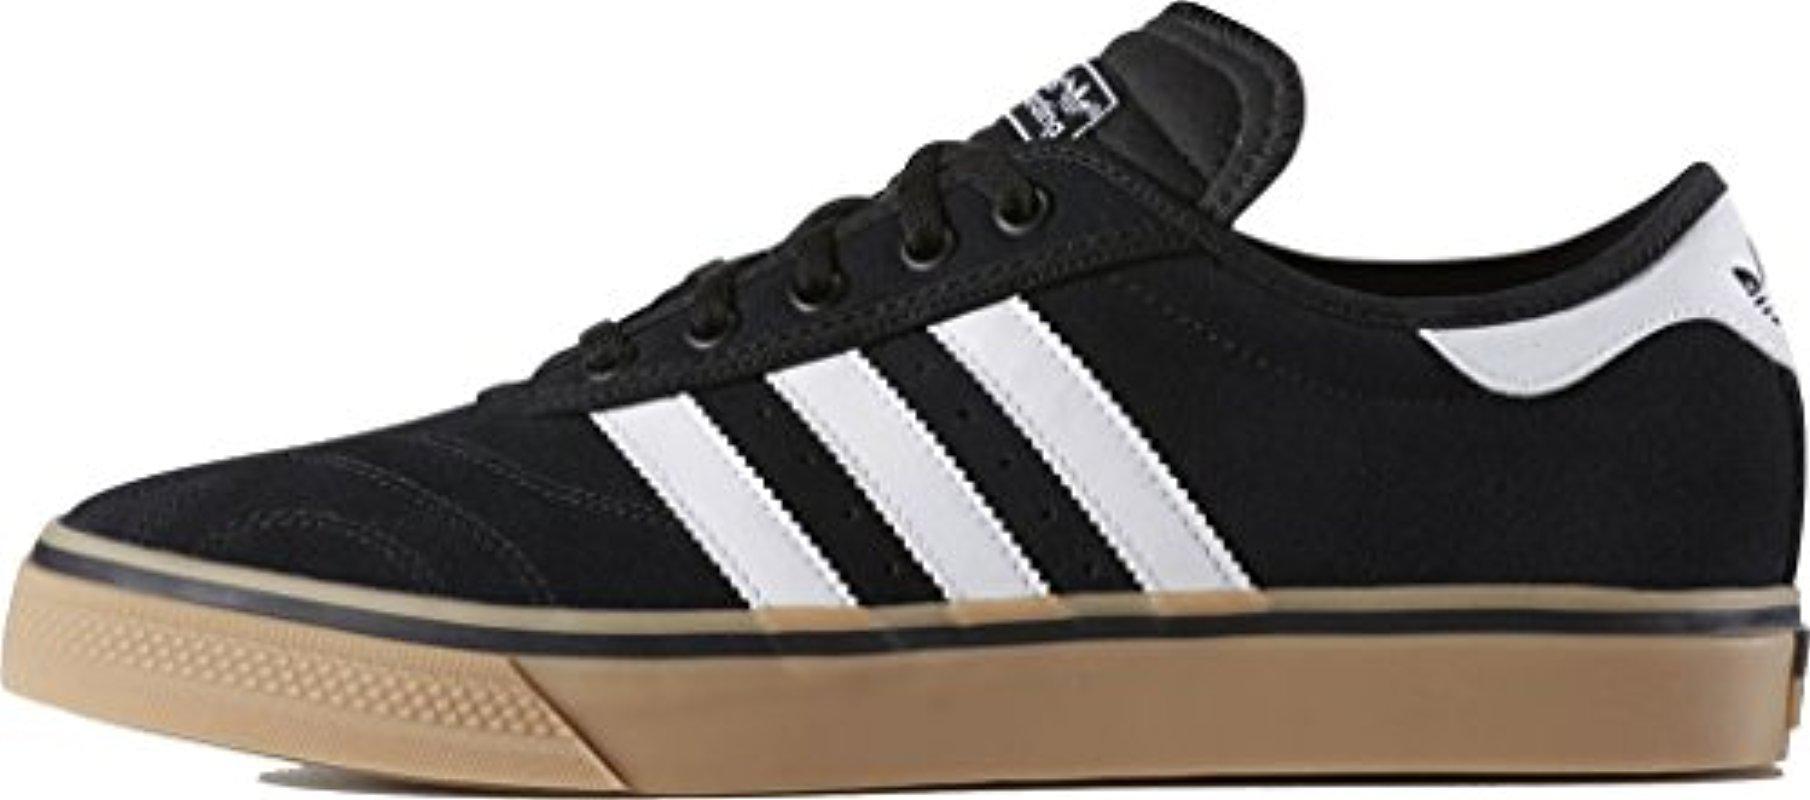 lyst adidas originals schuhe adi leichtigkeit premiere fashion sneakers